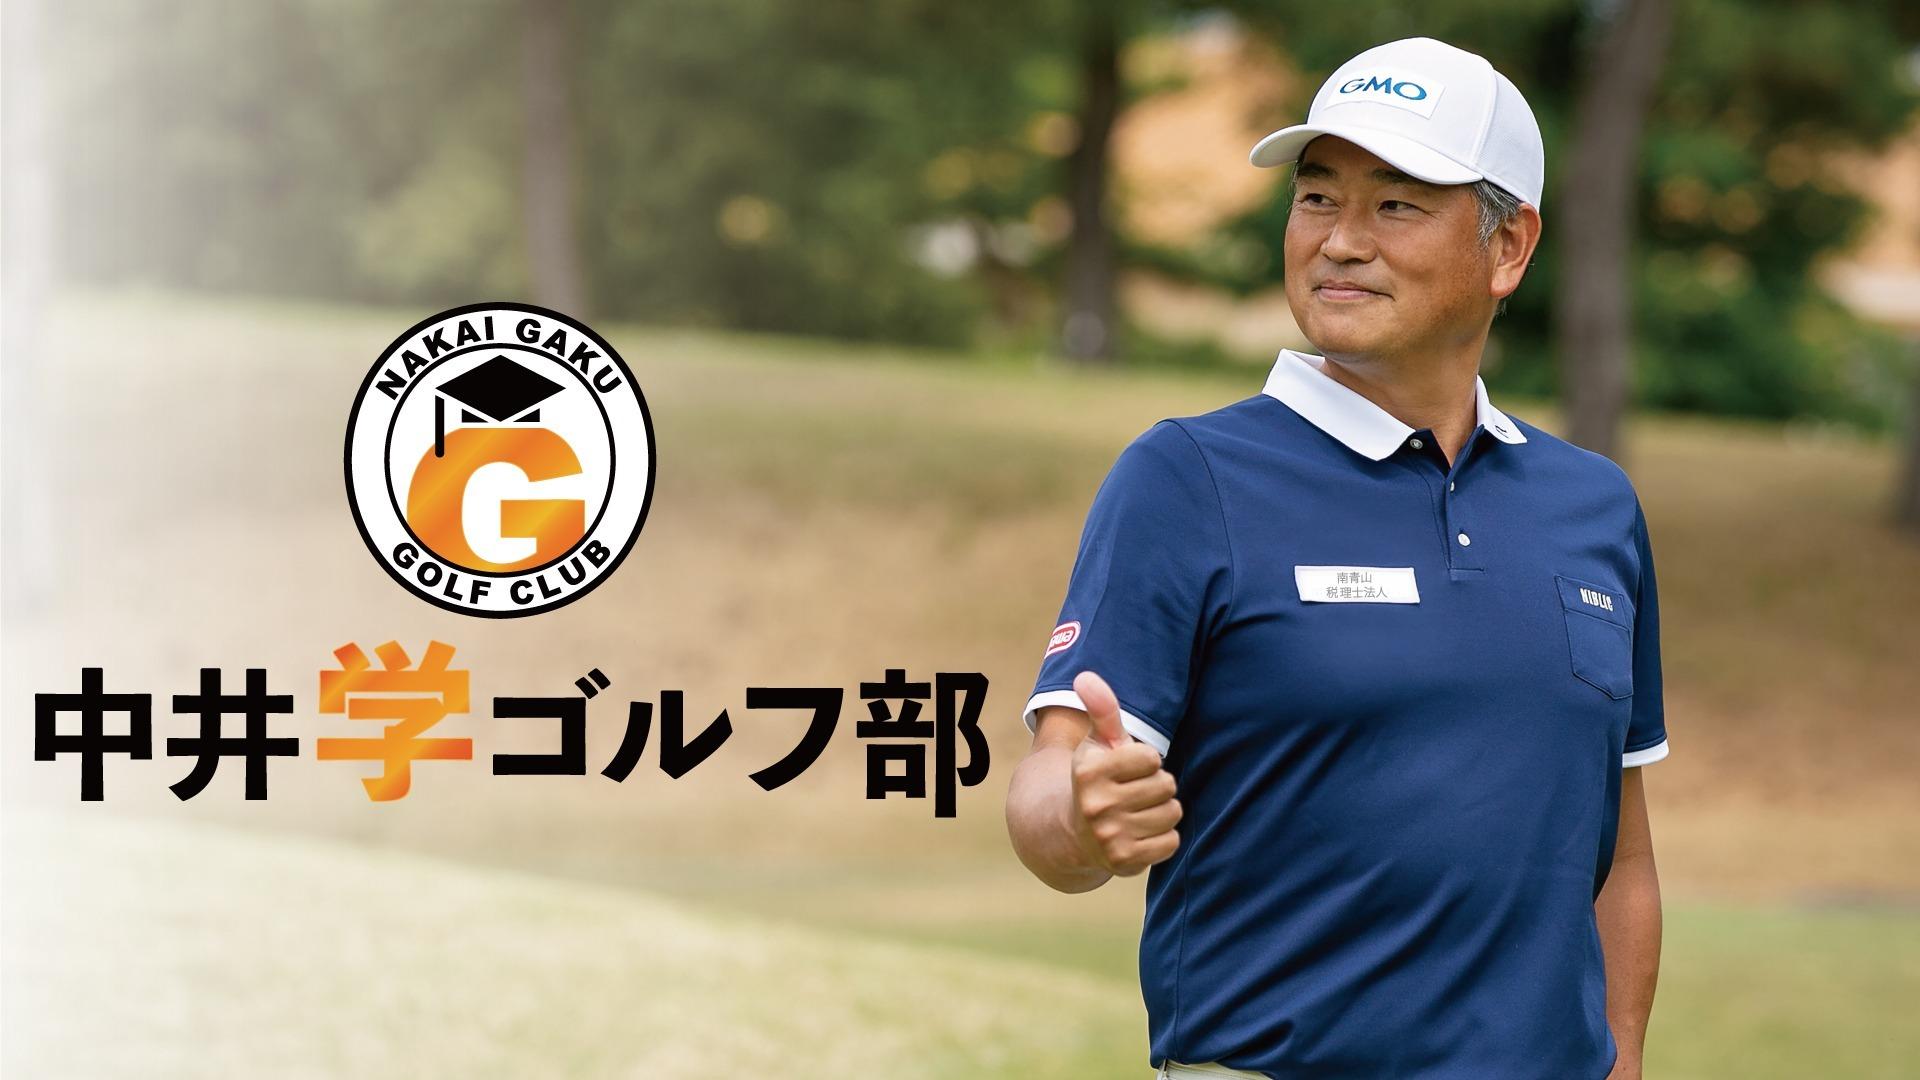 中井学ゴルフ部